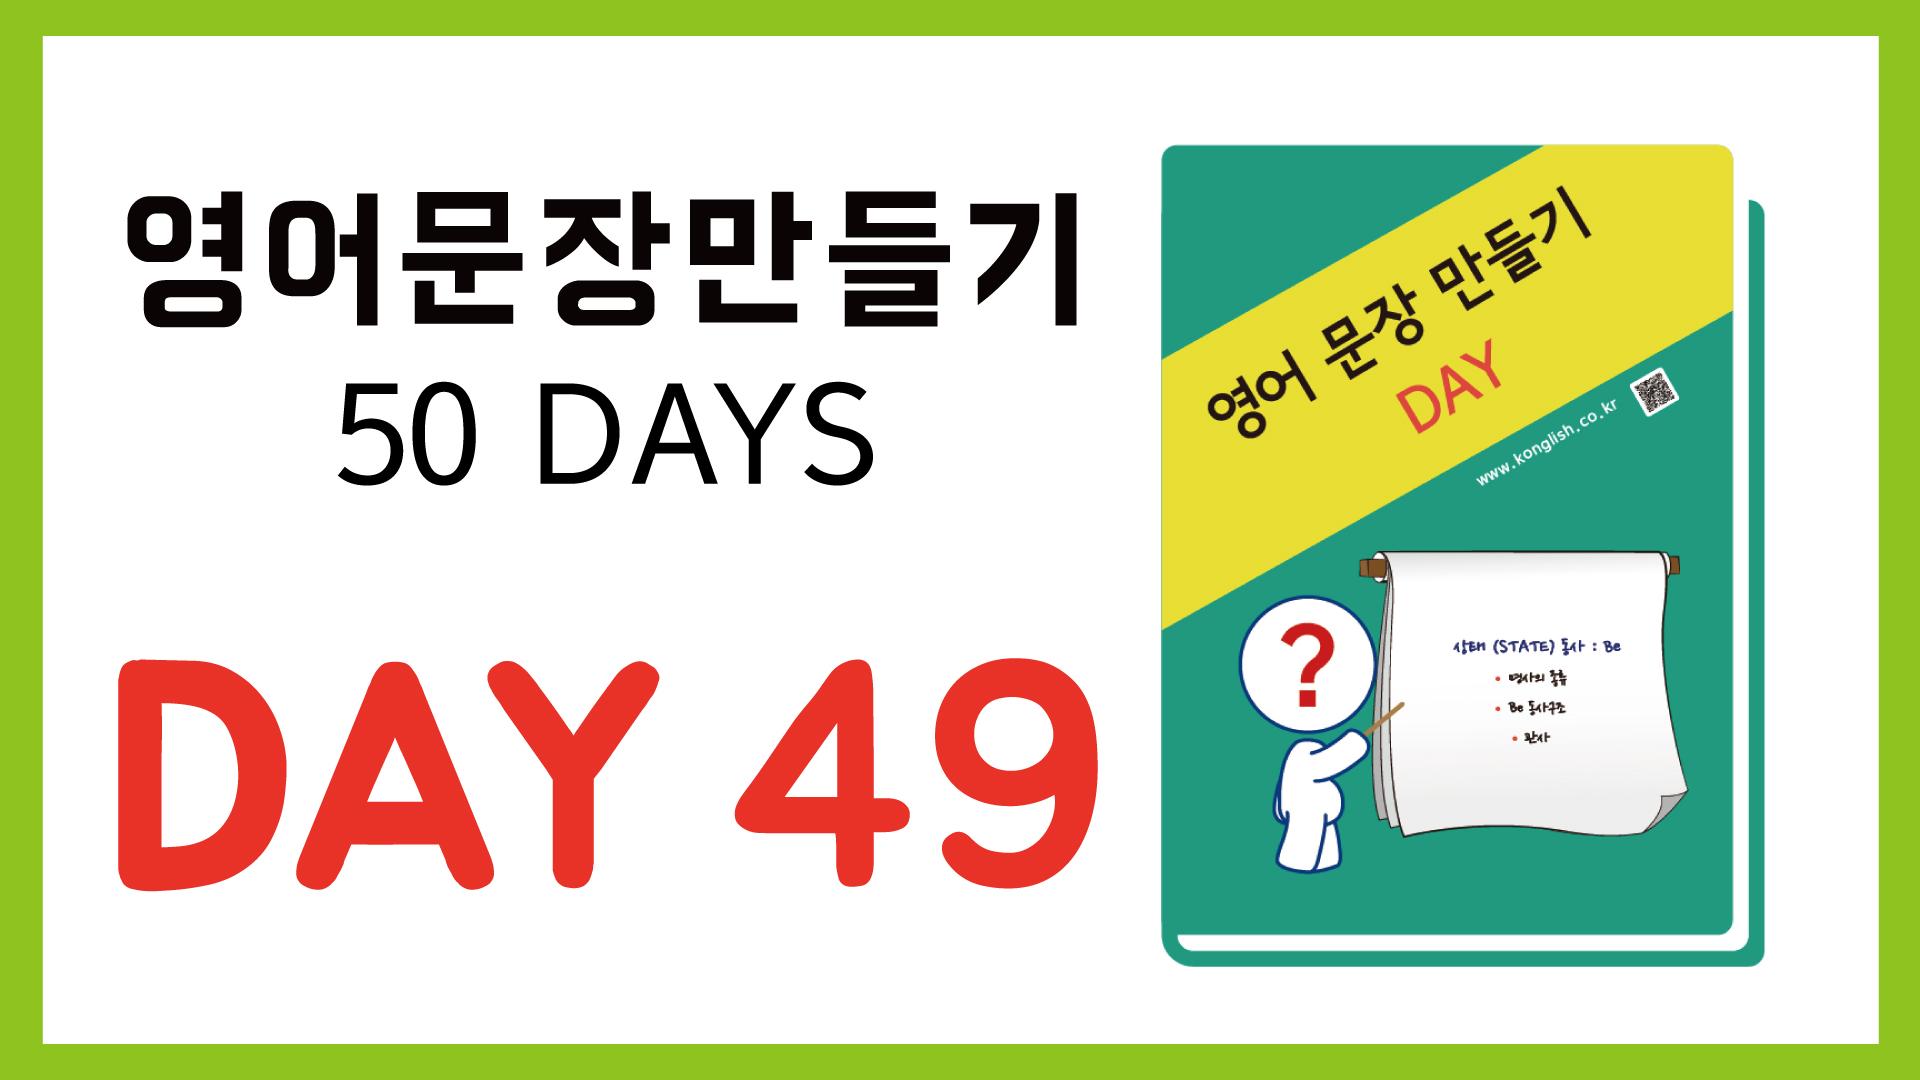 [콩글리쉬 영어] 영어문장만들기 50 Days : Day 49